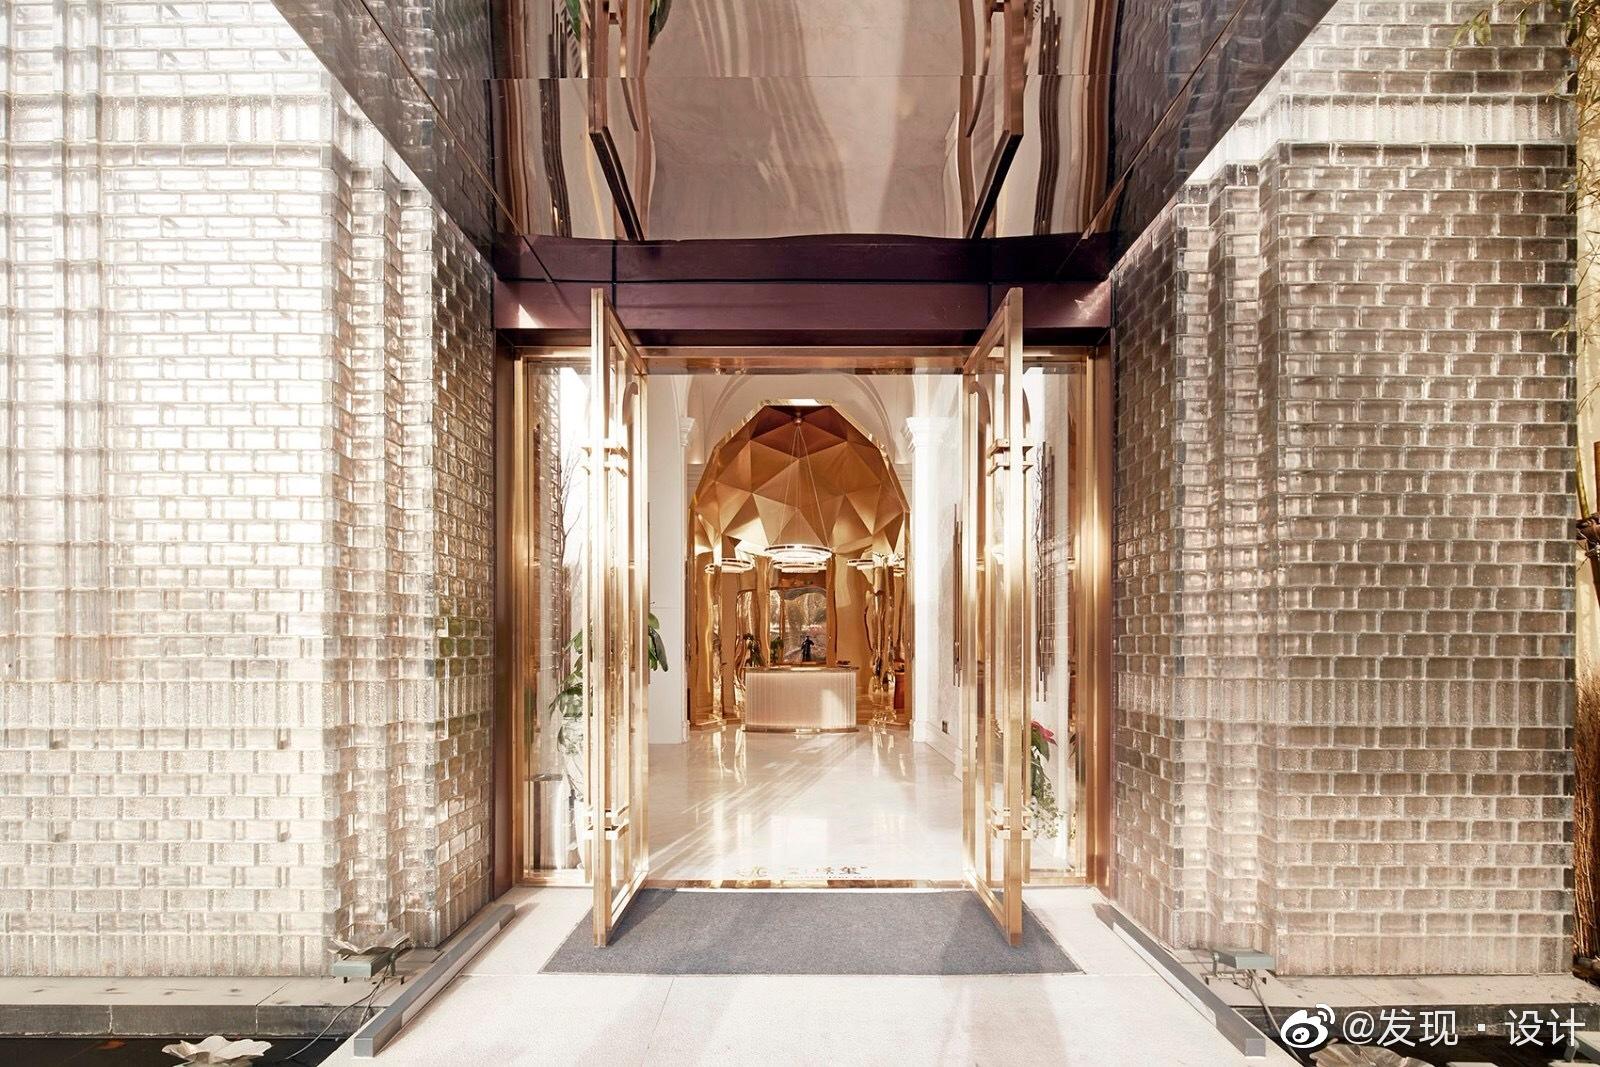 北京懋源·璟玺售楼处空间/ ASK STUDIO懋源·璟玺由北京知名高端住宅